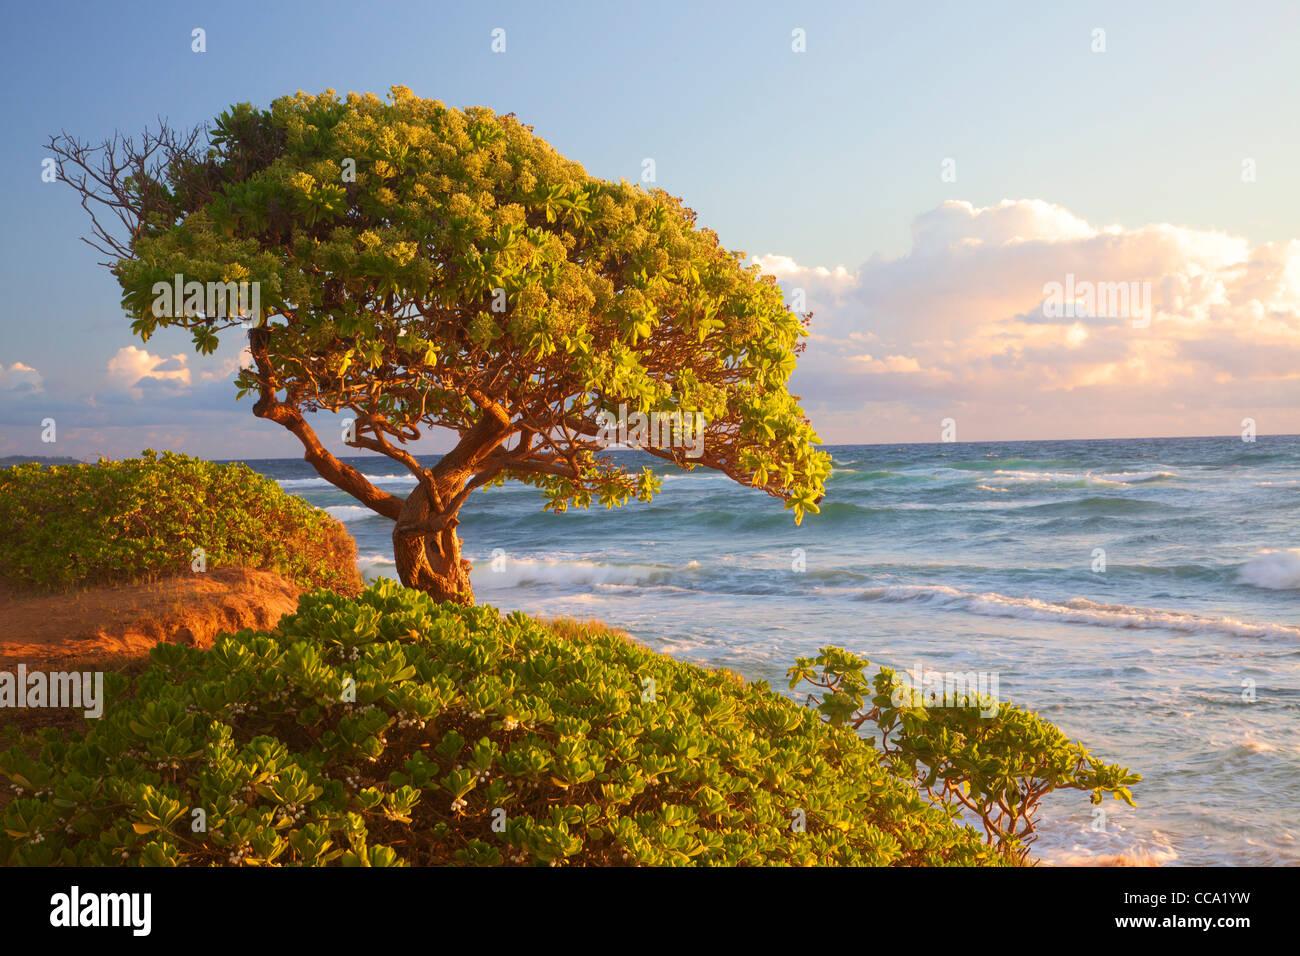 J'Nukoli Beach, également connu sous le nom de cuisines Beach, Kauai, Hawaï. Banque D'Images